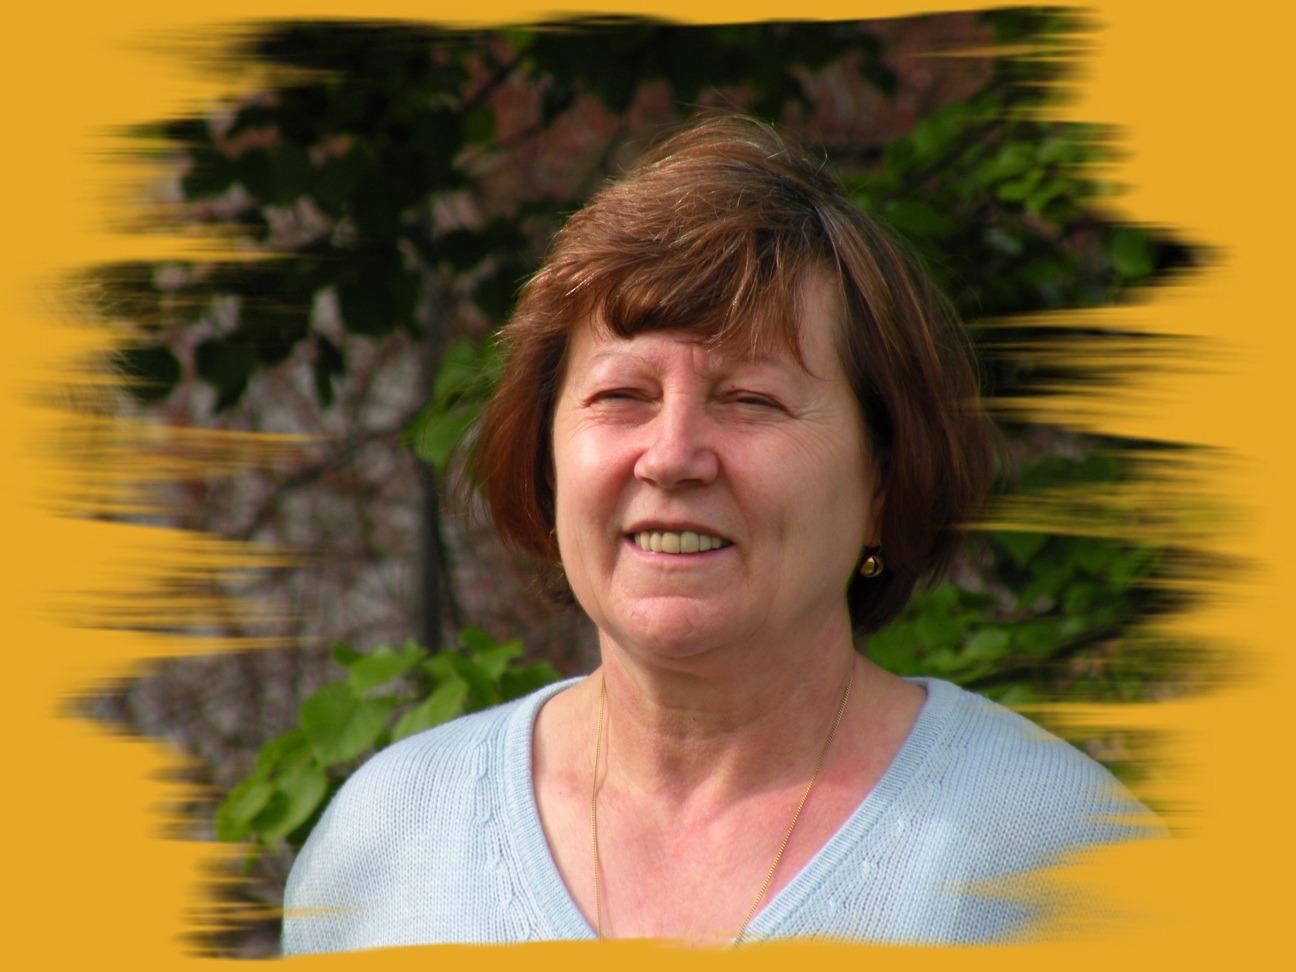 Alžběta Grulichová